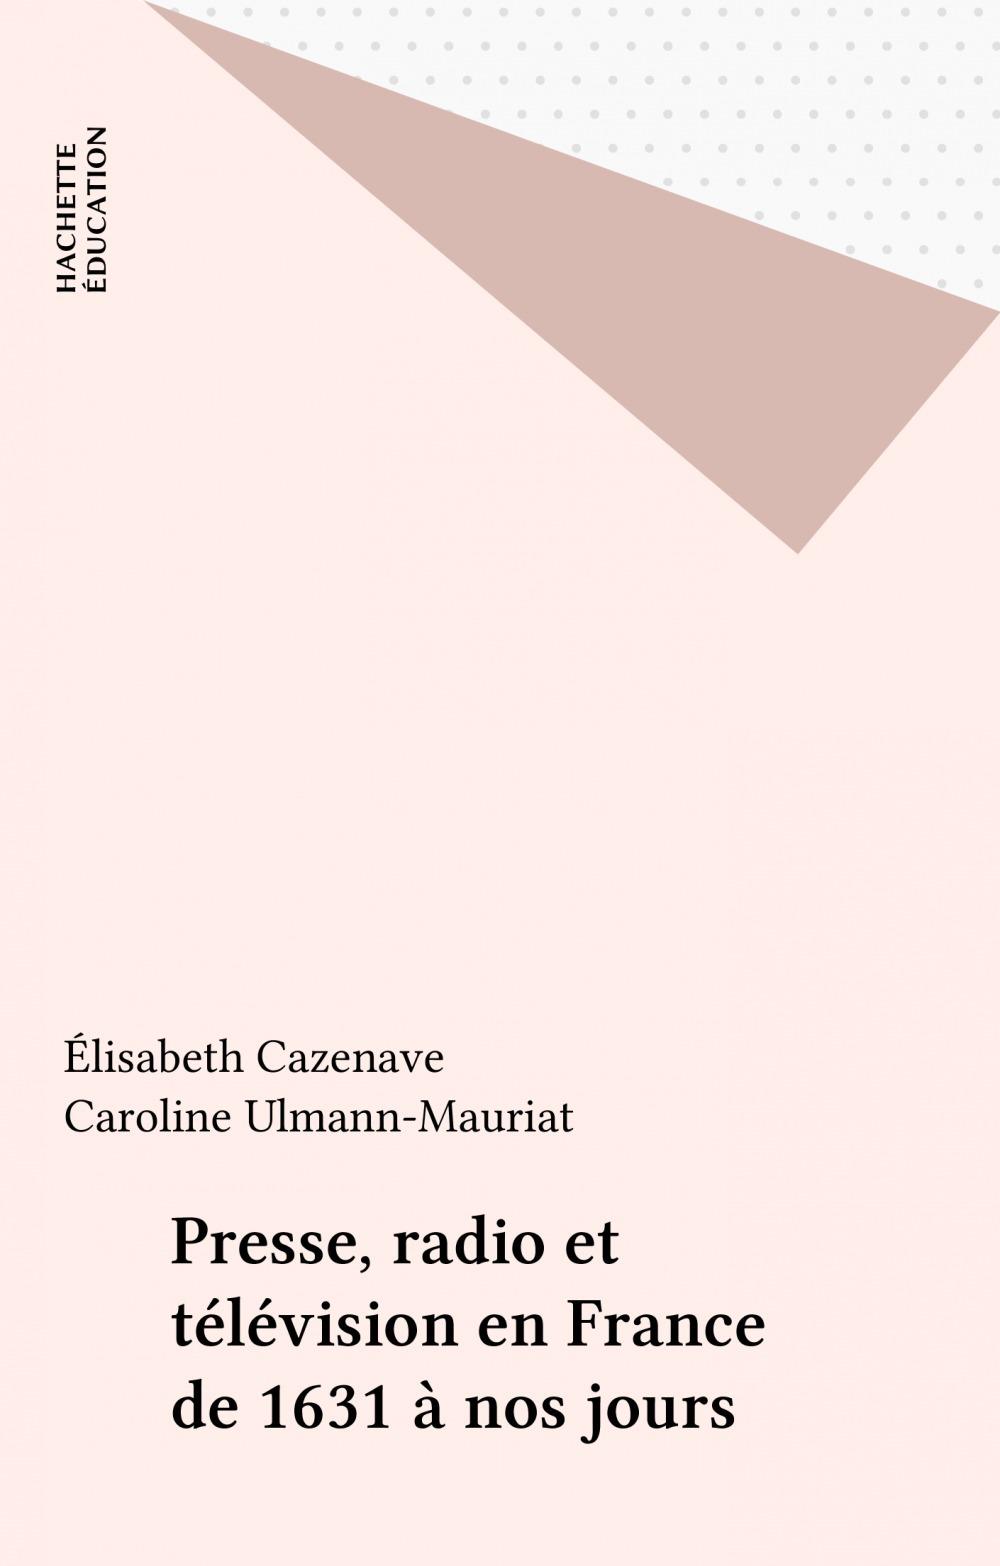 Presse radio et television en france de 1631 a nos jours